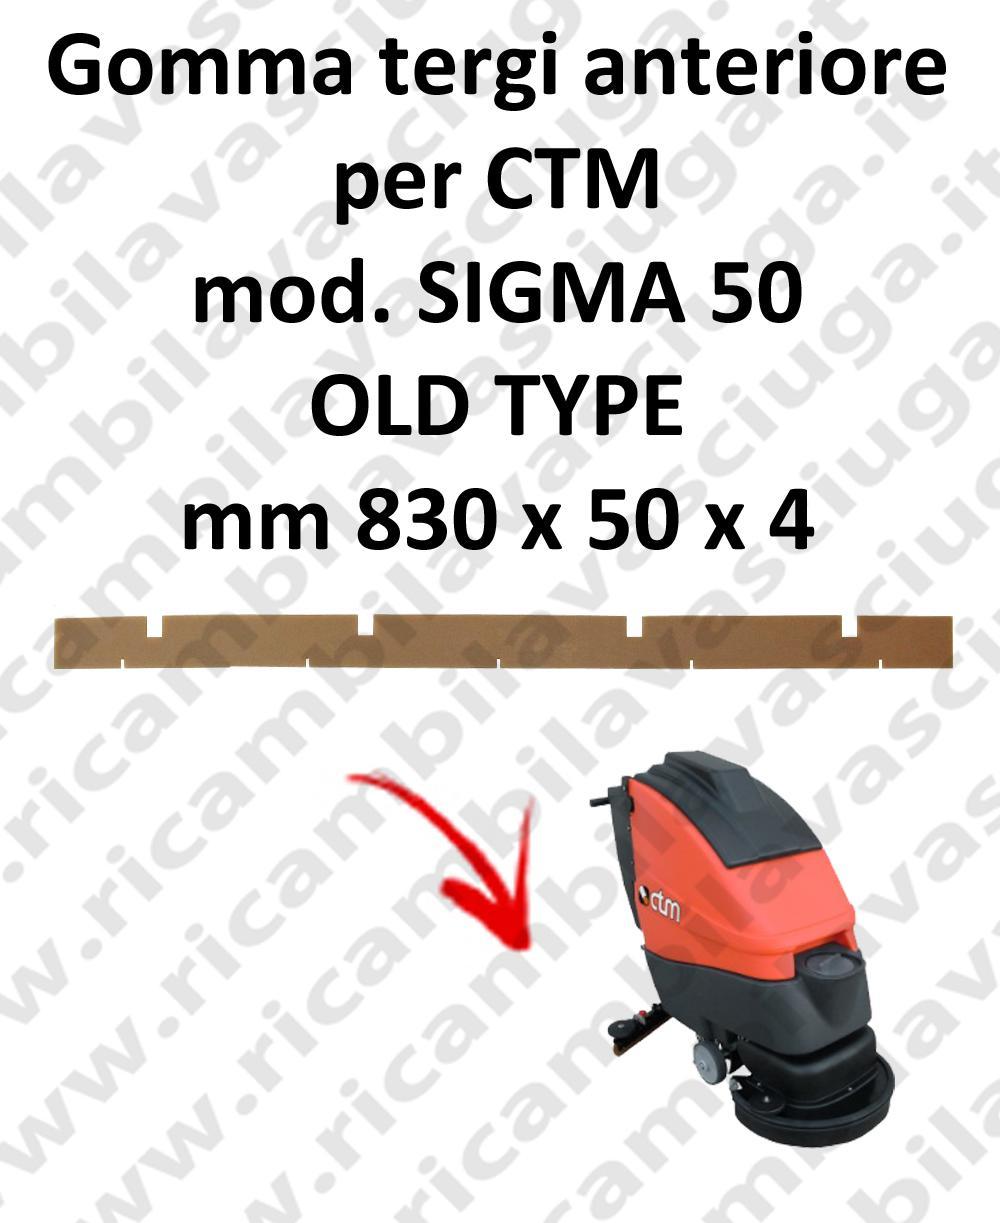 SIGMA 50 OLD TYPE - GOMMA TERGI anteriore per lavapavimenti CTM